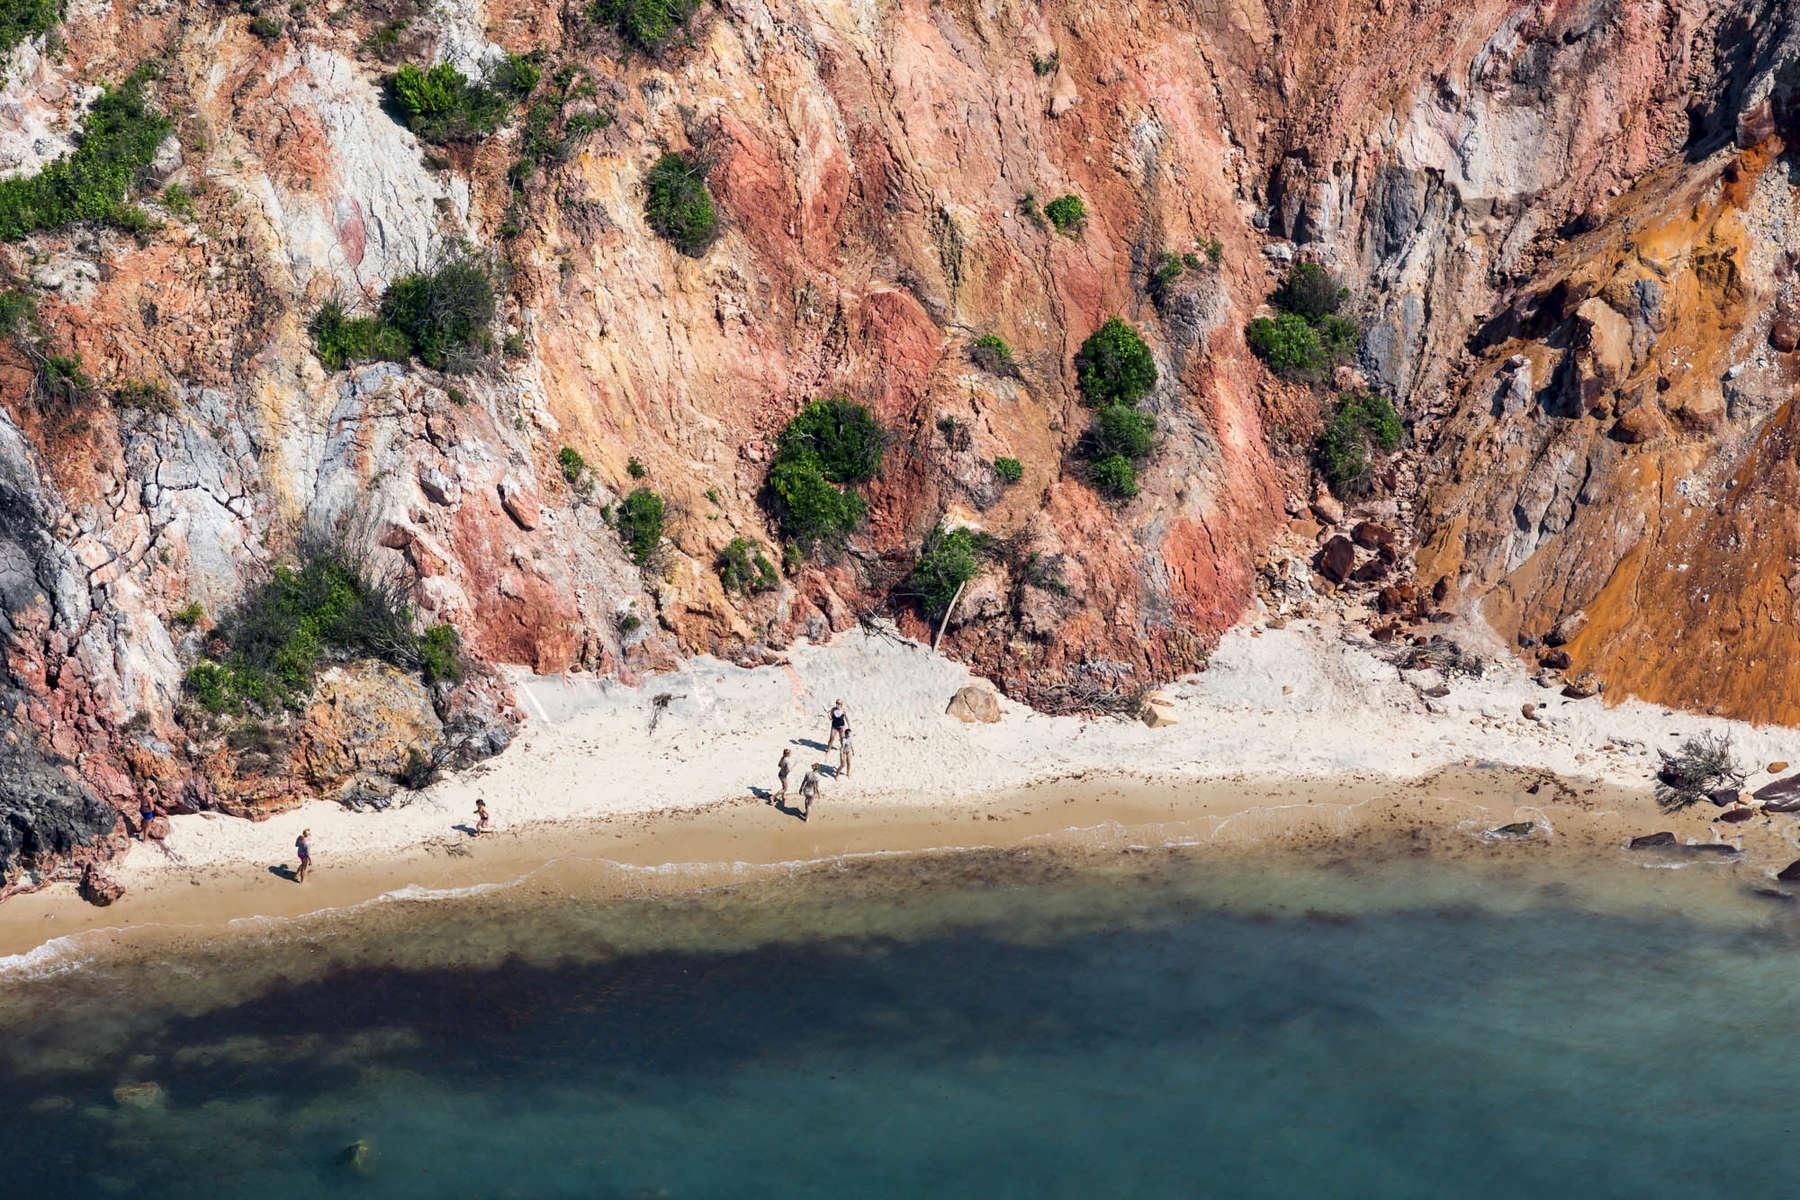 Clay Cliiffs meet Sandy Beach, Aquinnah, MA 2013 (130717-0063)dune, cliff, red, clay, white, blue, ocean, swim, summer, new england, island, nantucket, marthas vineyard, beach, water